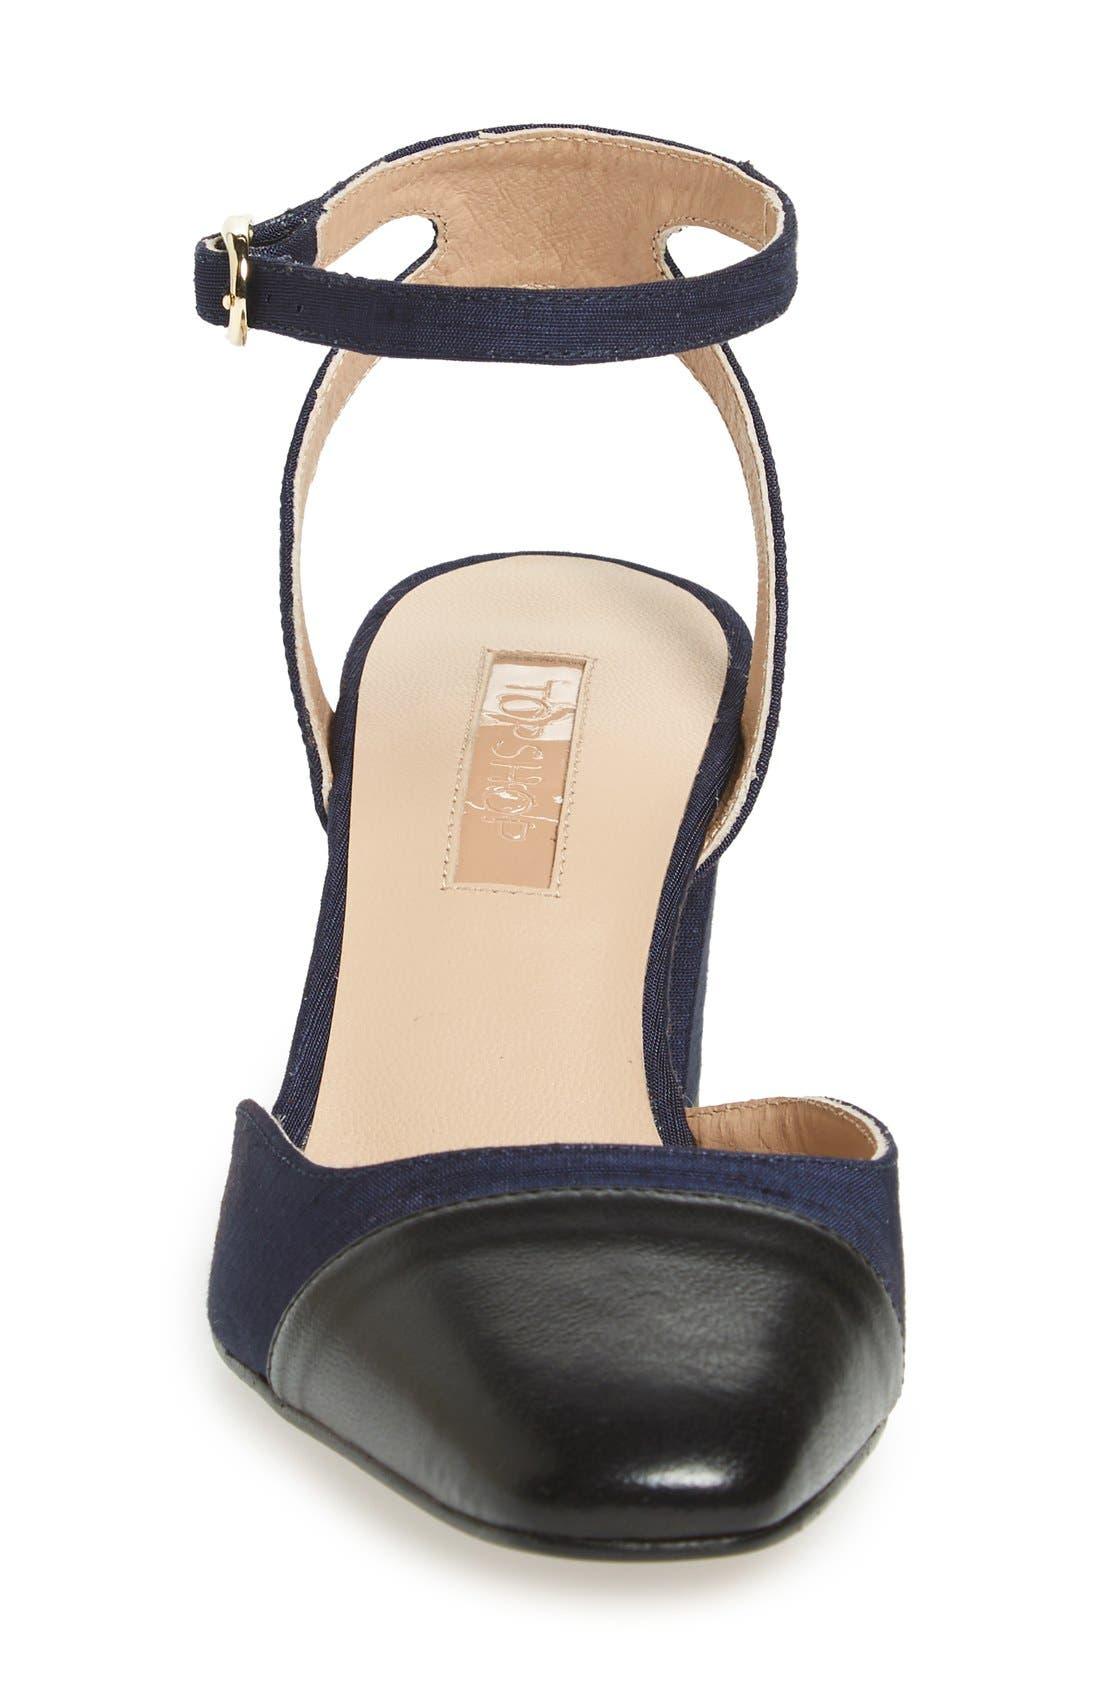 'Jewel' Cap Toe Block Heel Pump,                             Alternate thumbnail 3, color,                             Navy Blue Multi